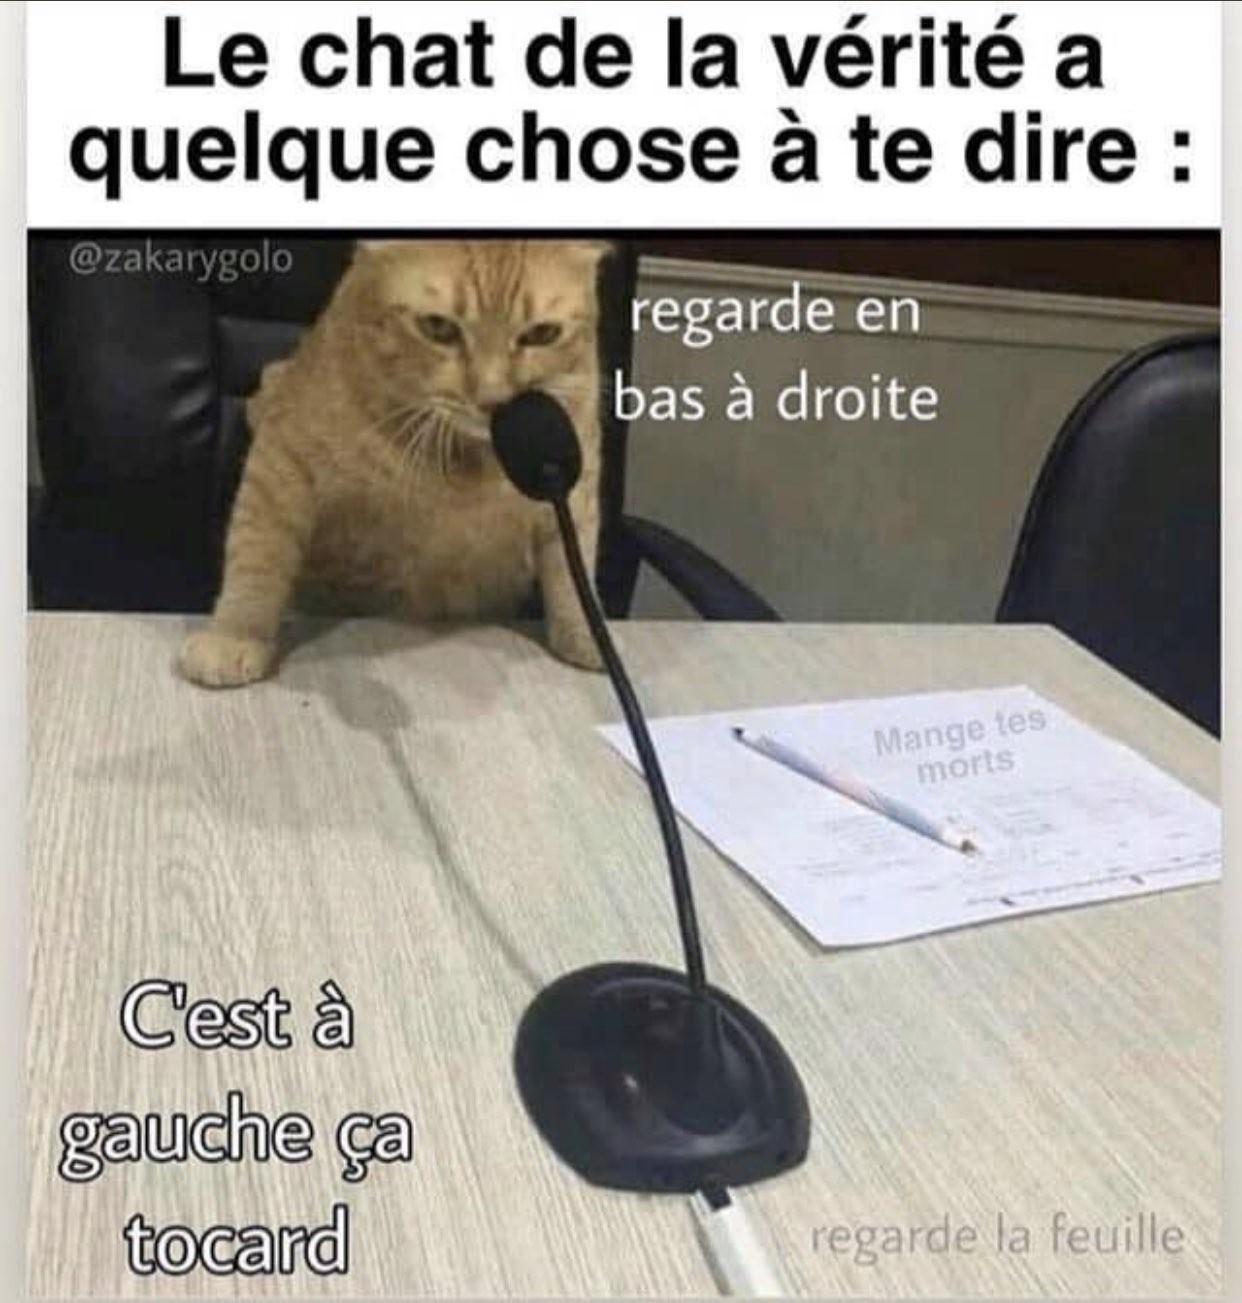 Le chat dit la vérité - meme